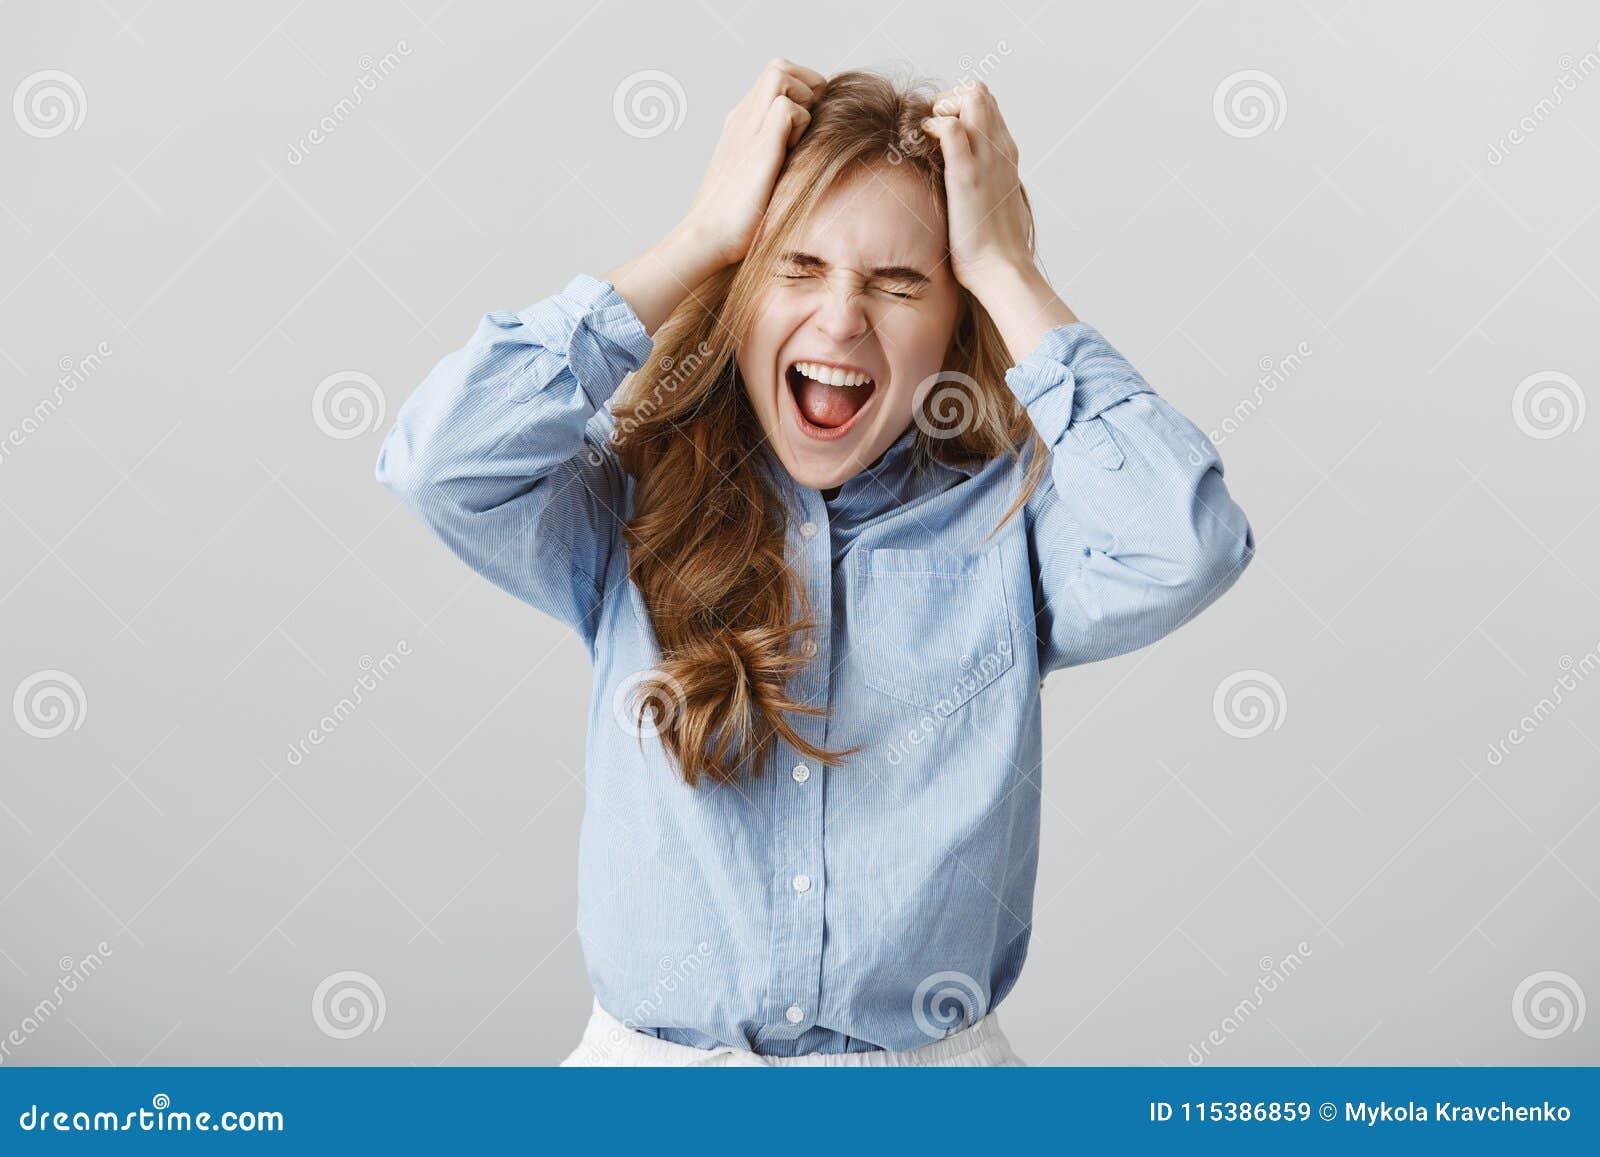 Kan druk meer behandelen niet Gespannen gevoed omhoog Europees vrouwelijk model in hand of overhemd die, die terwijl schreeuwen g